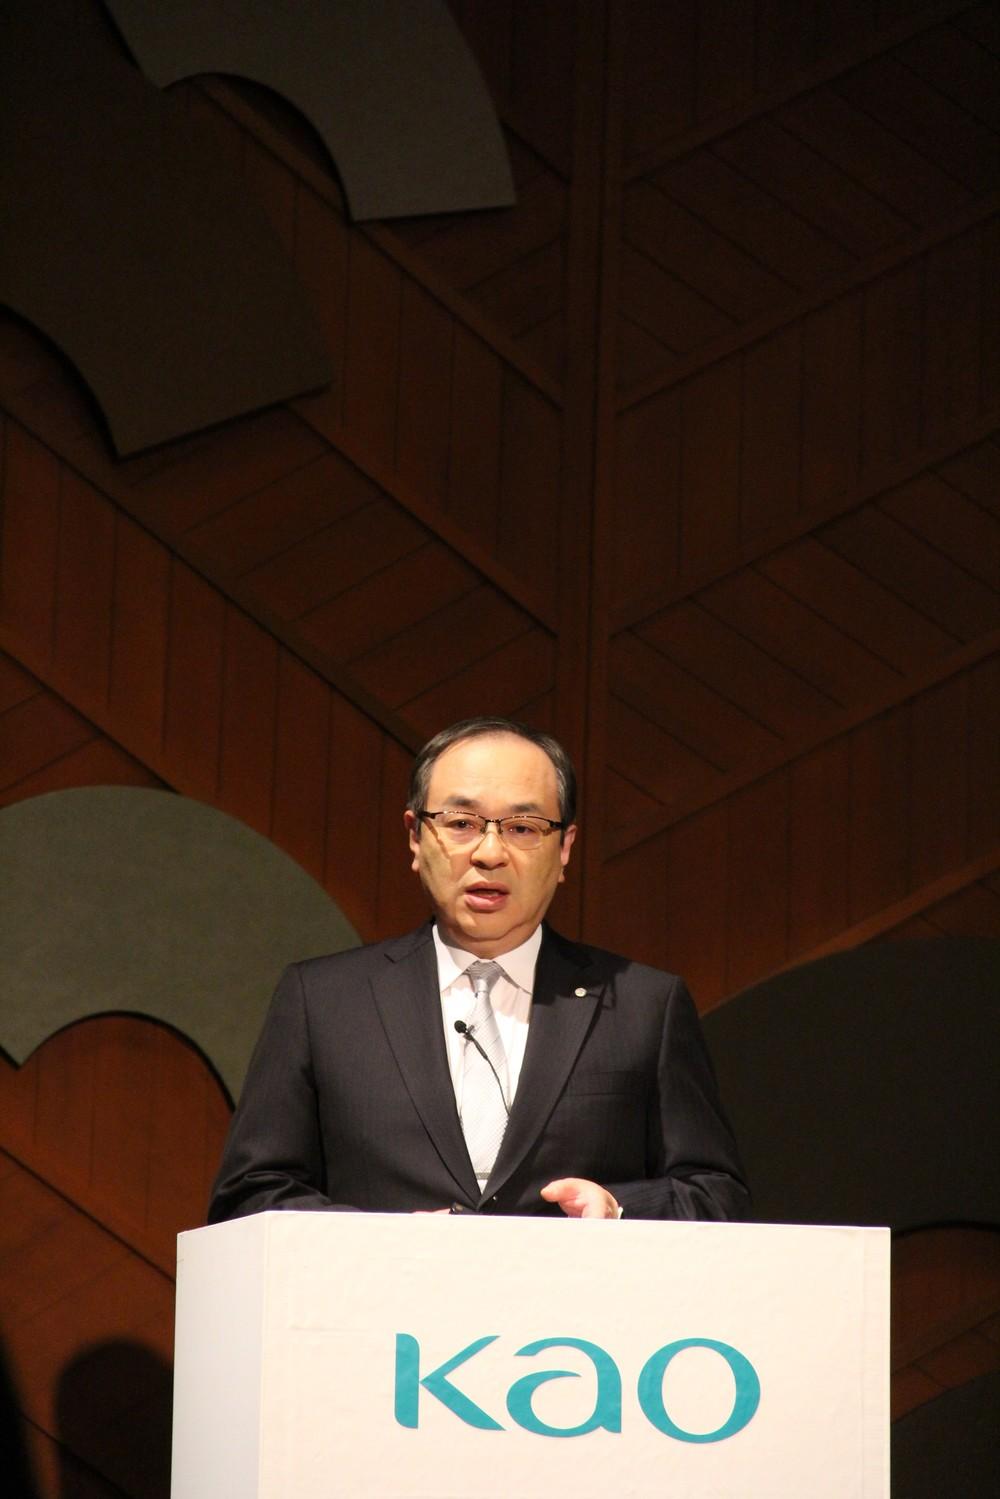 5つの研究領域について説明する長谷部佳宏・専務執行役員